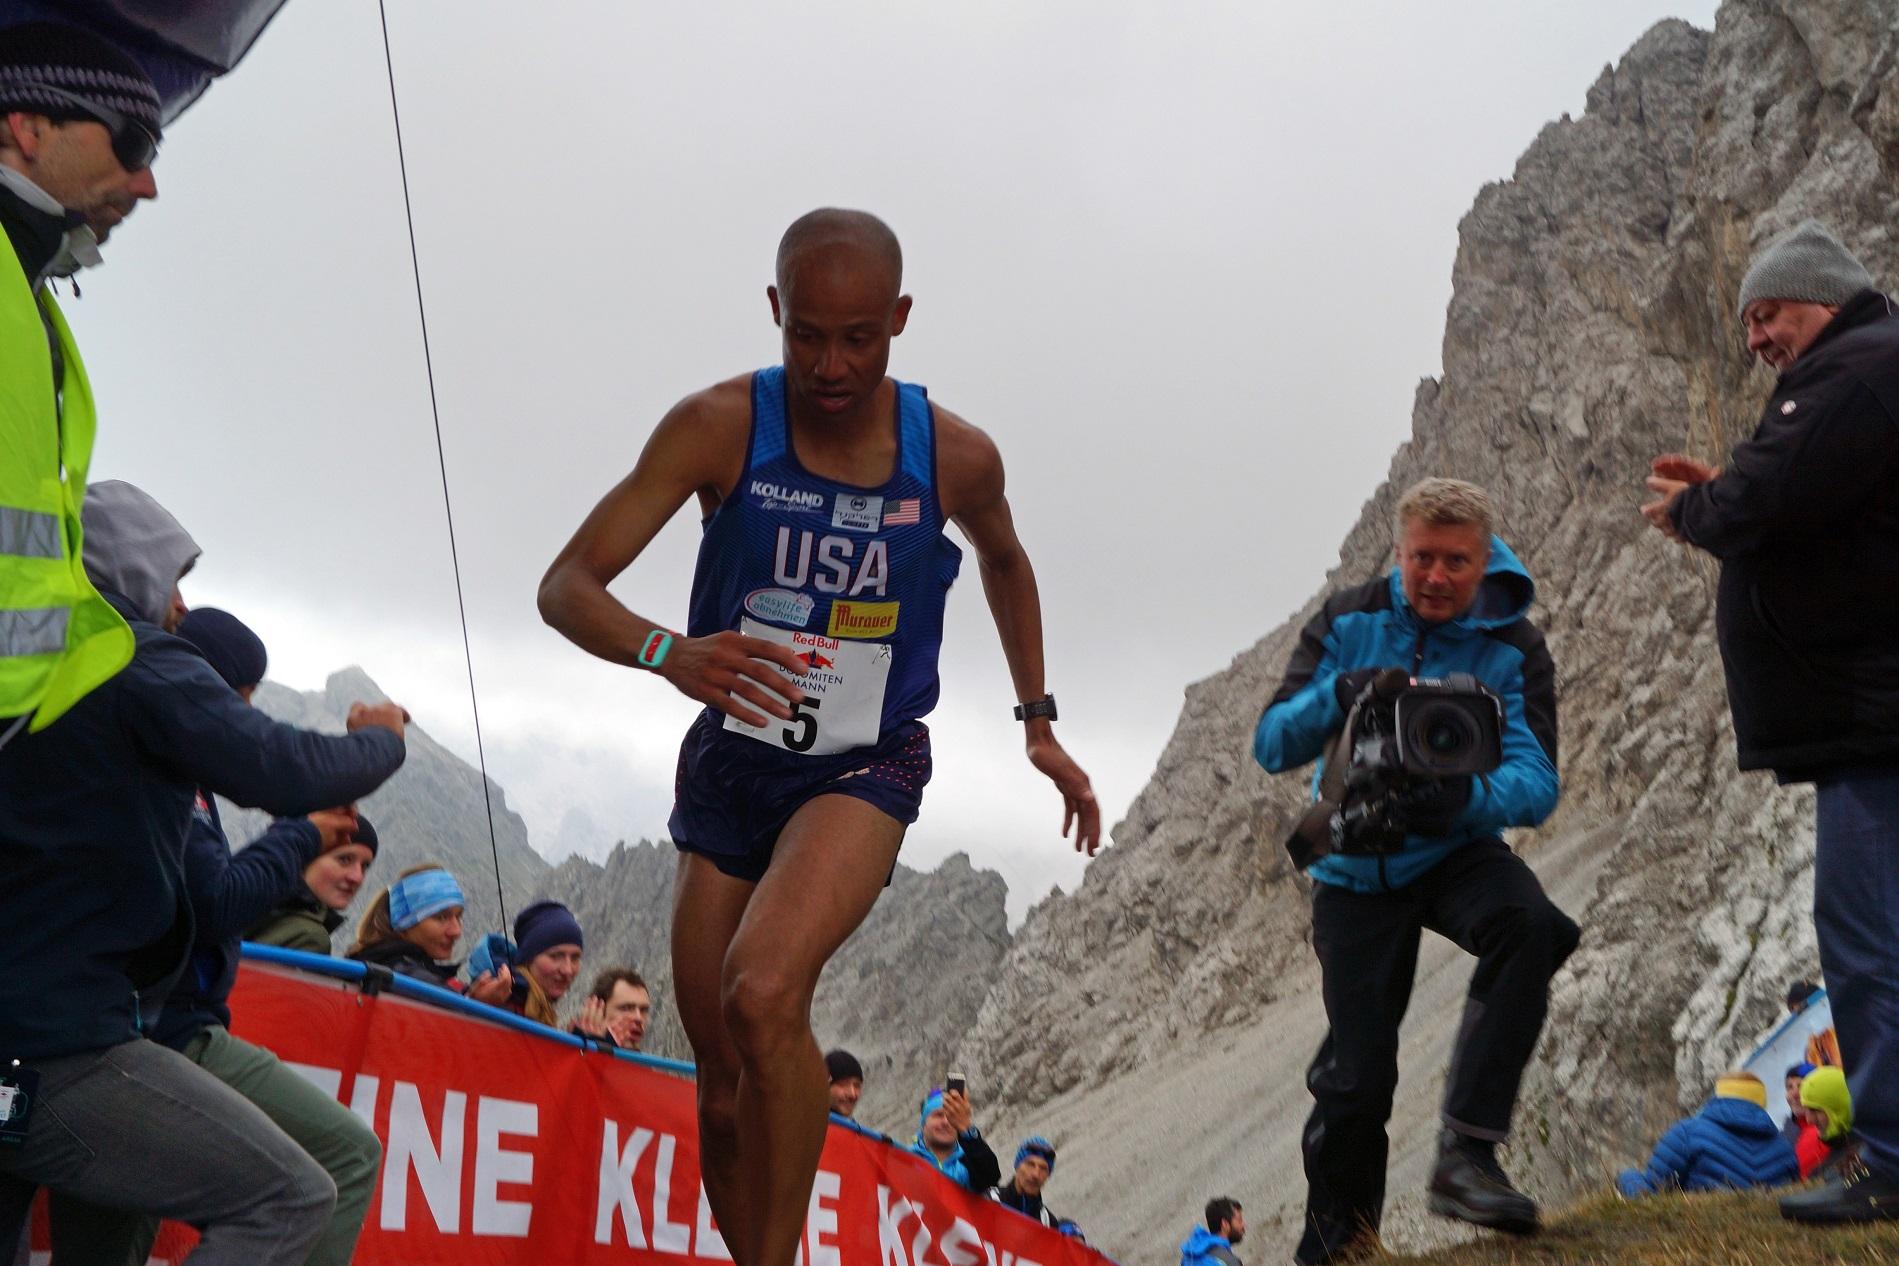 Berglauf-Weltmeister Joseph Gray